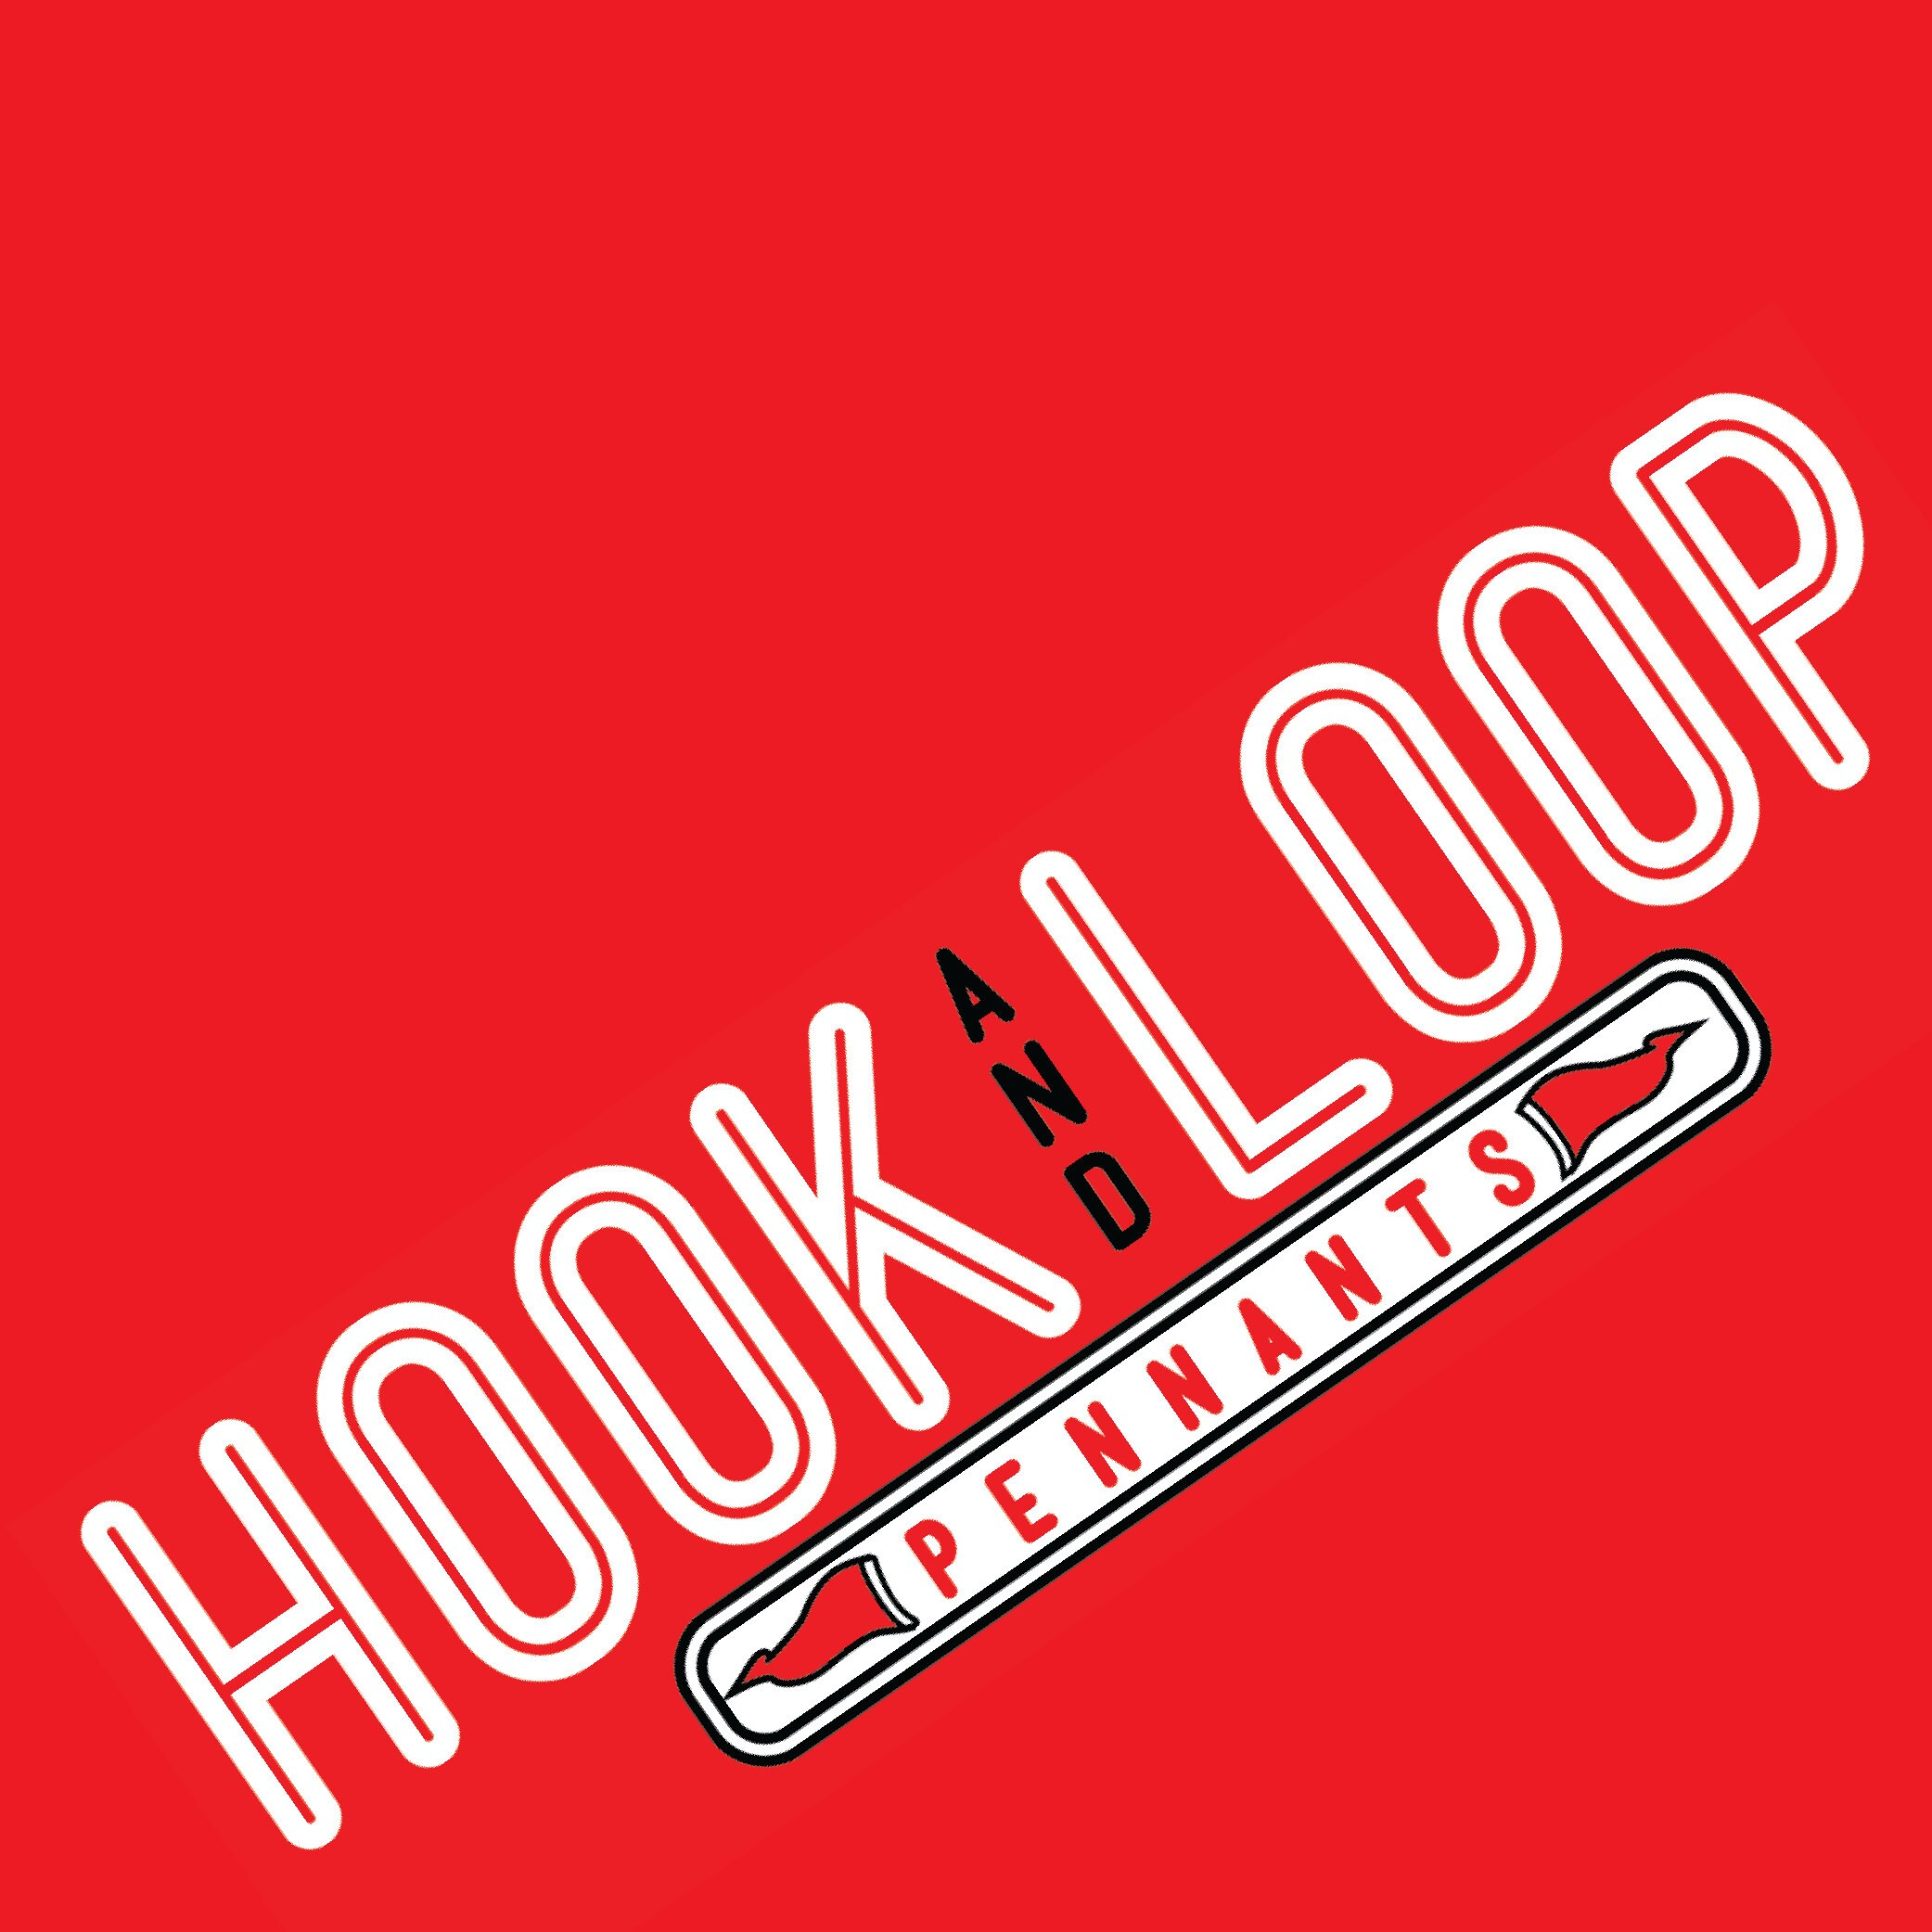 Hook & Loop pennants by hookandloop on Etsy